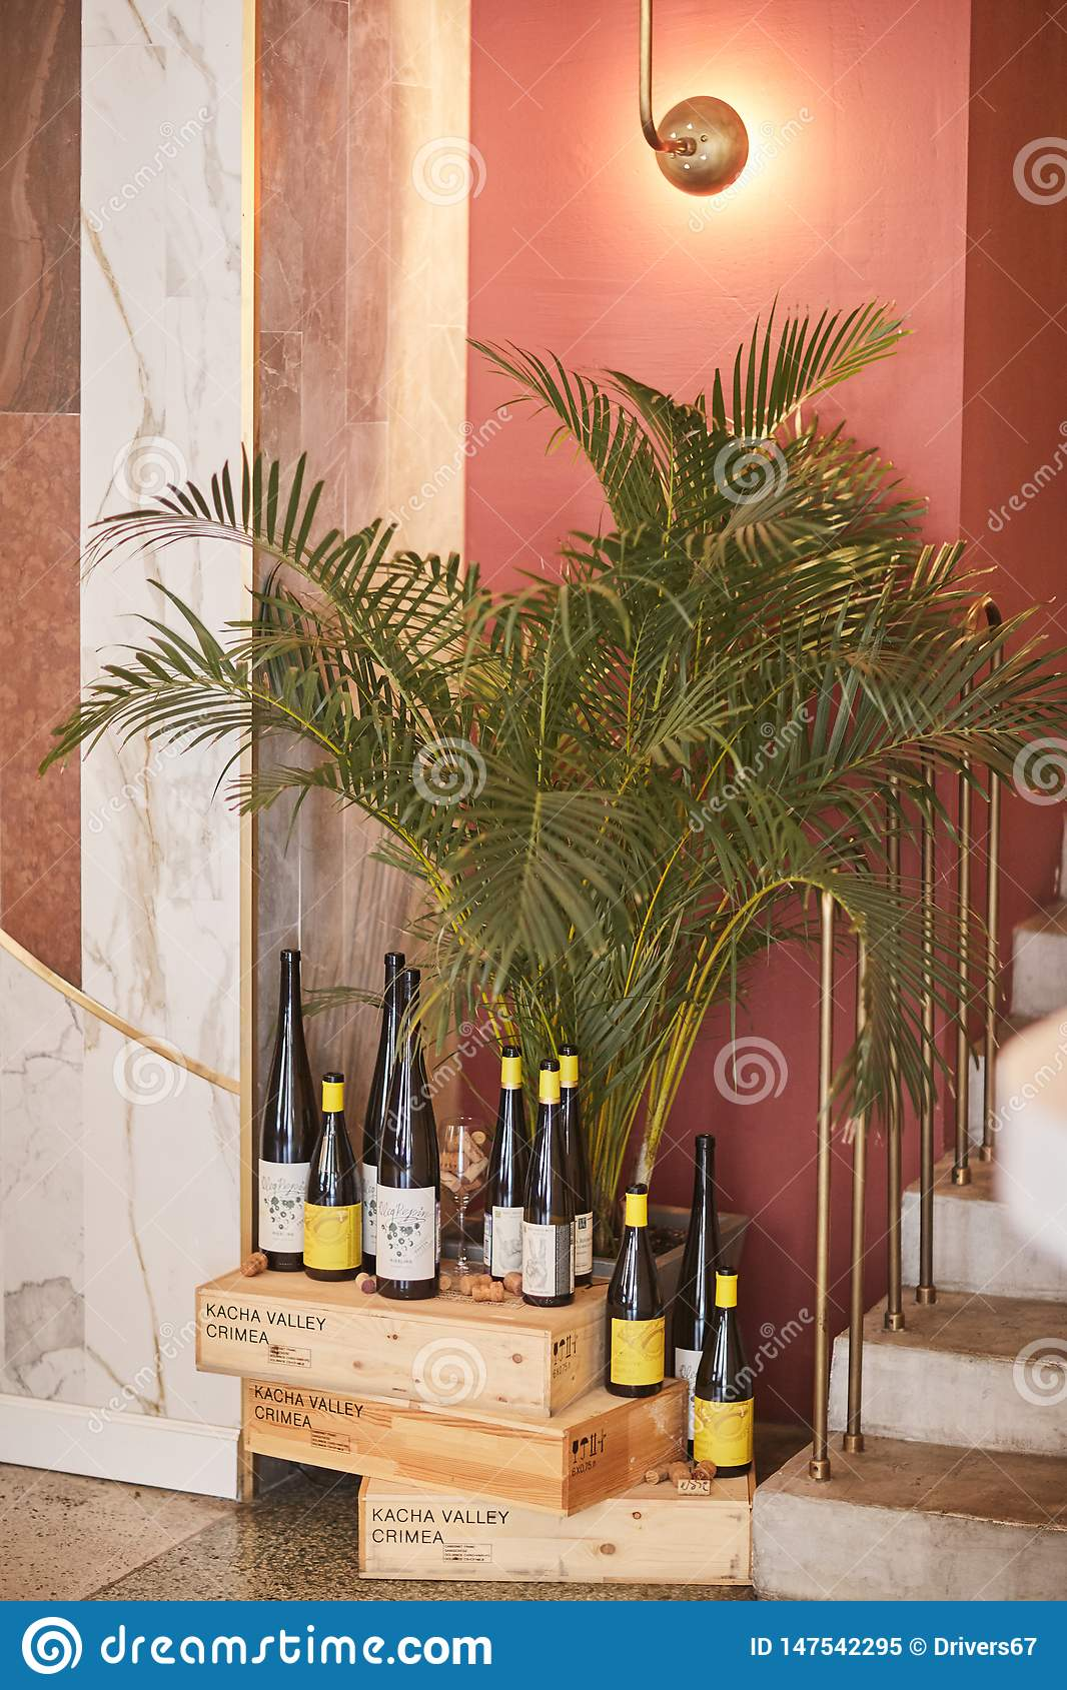 Heilige-Peterburg, Rusland: 24 augustus 2018: Wijnflessen op houten plank in wijnopslag